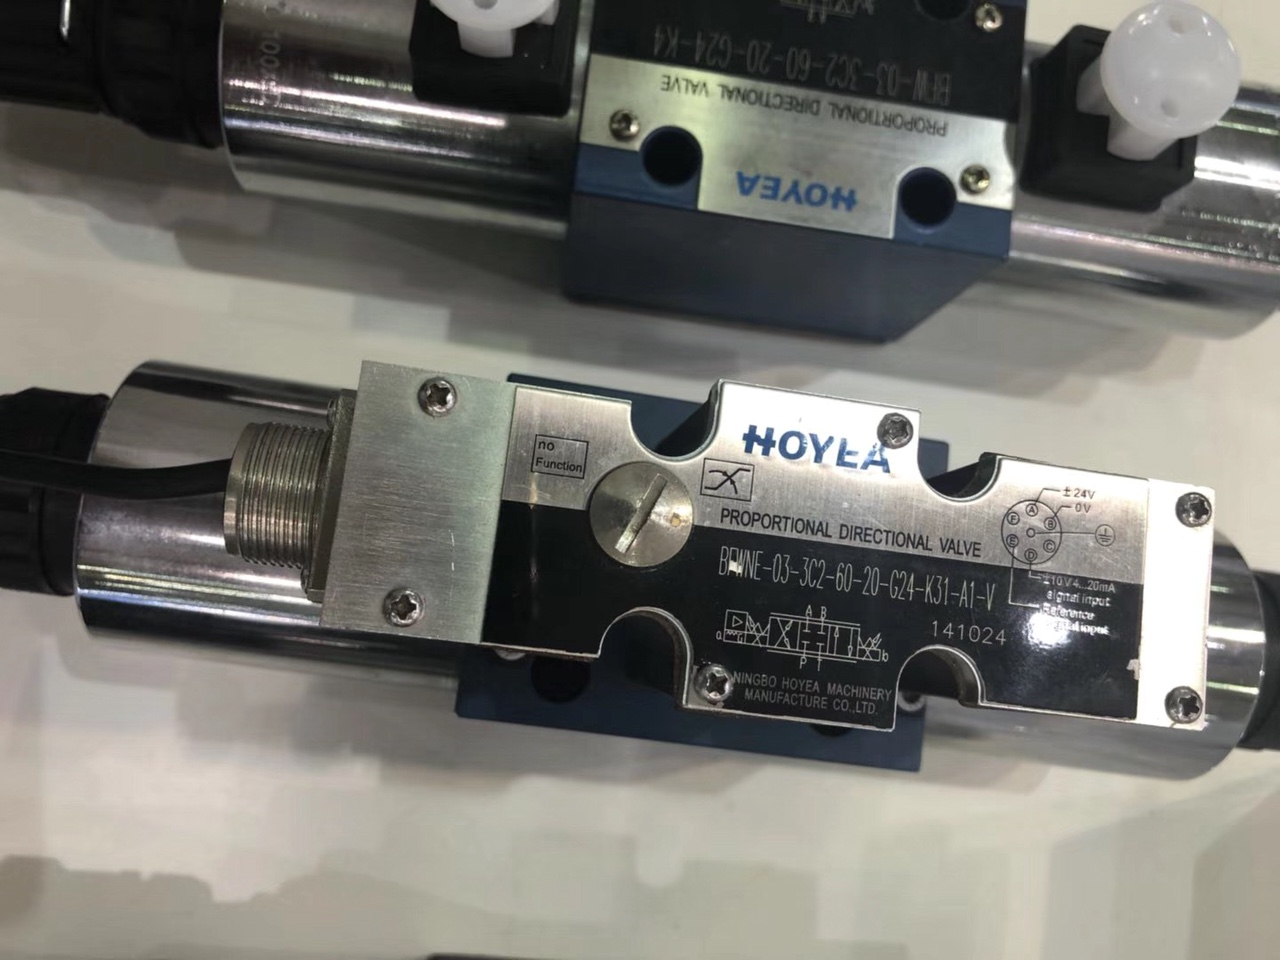 Van thủy lực HOYEA BFWNE-03-3C2-60-20-G24-K31-A1-V